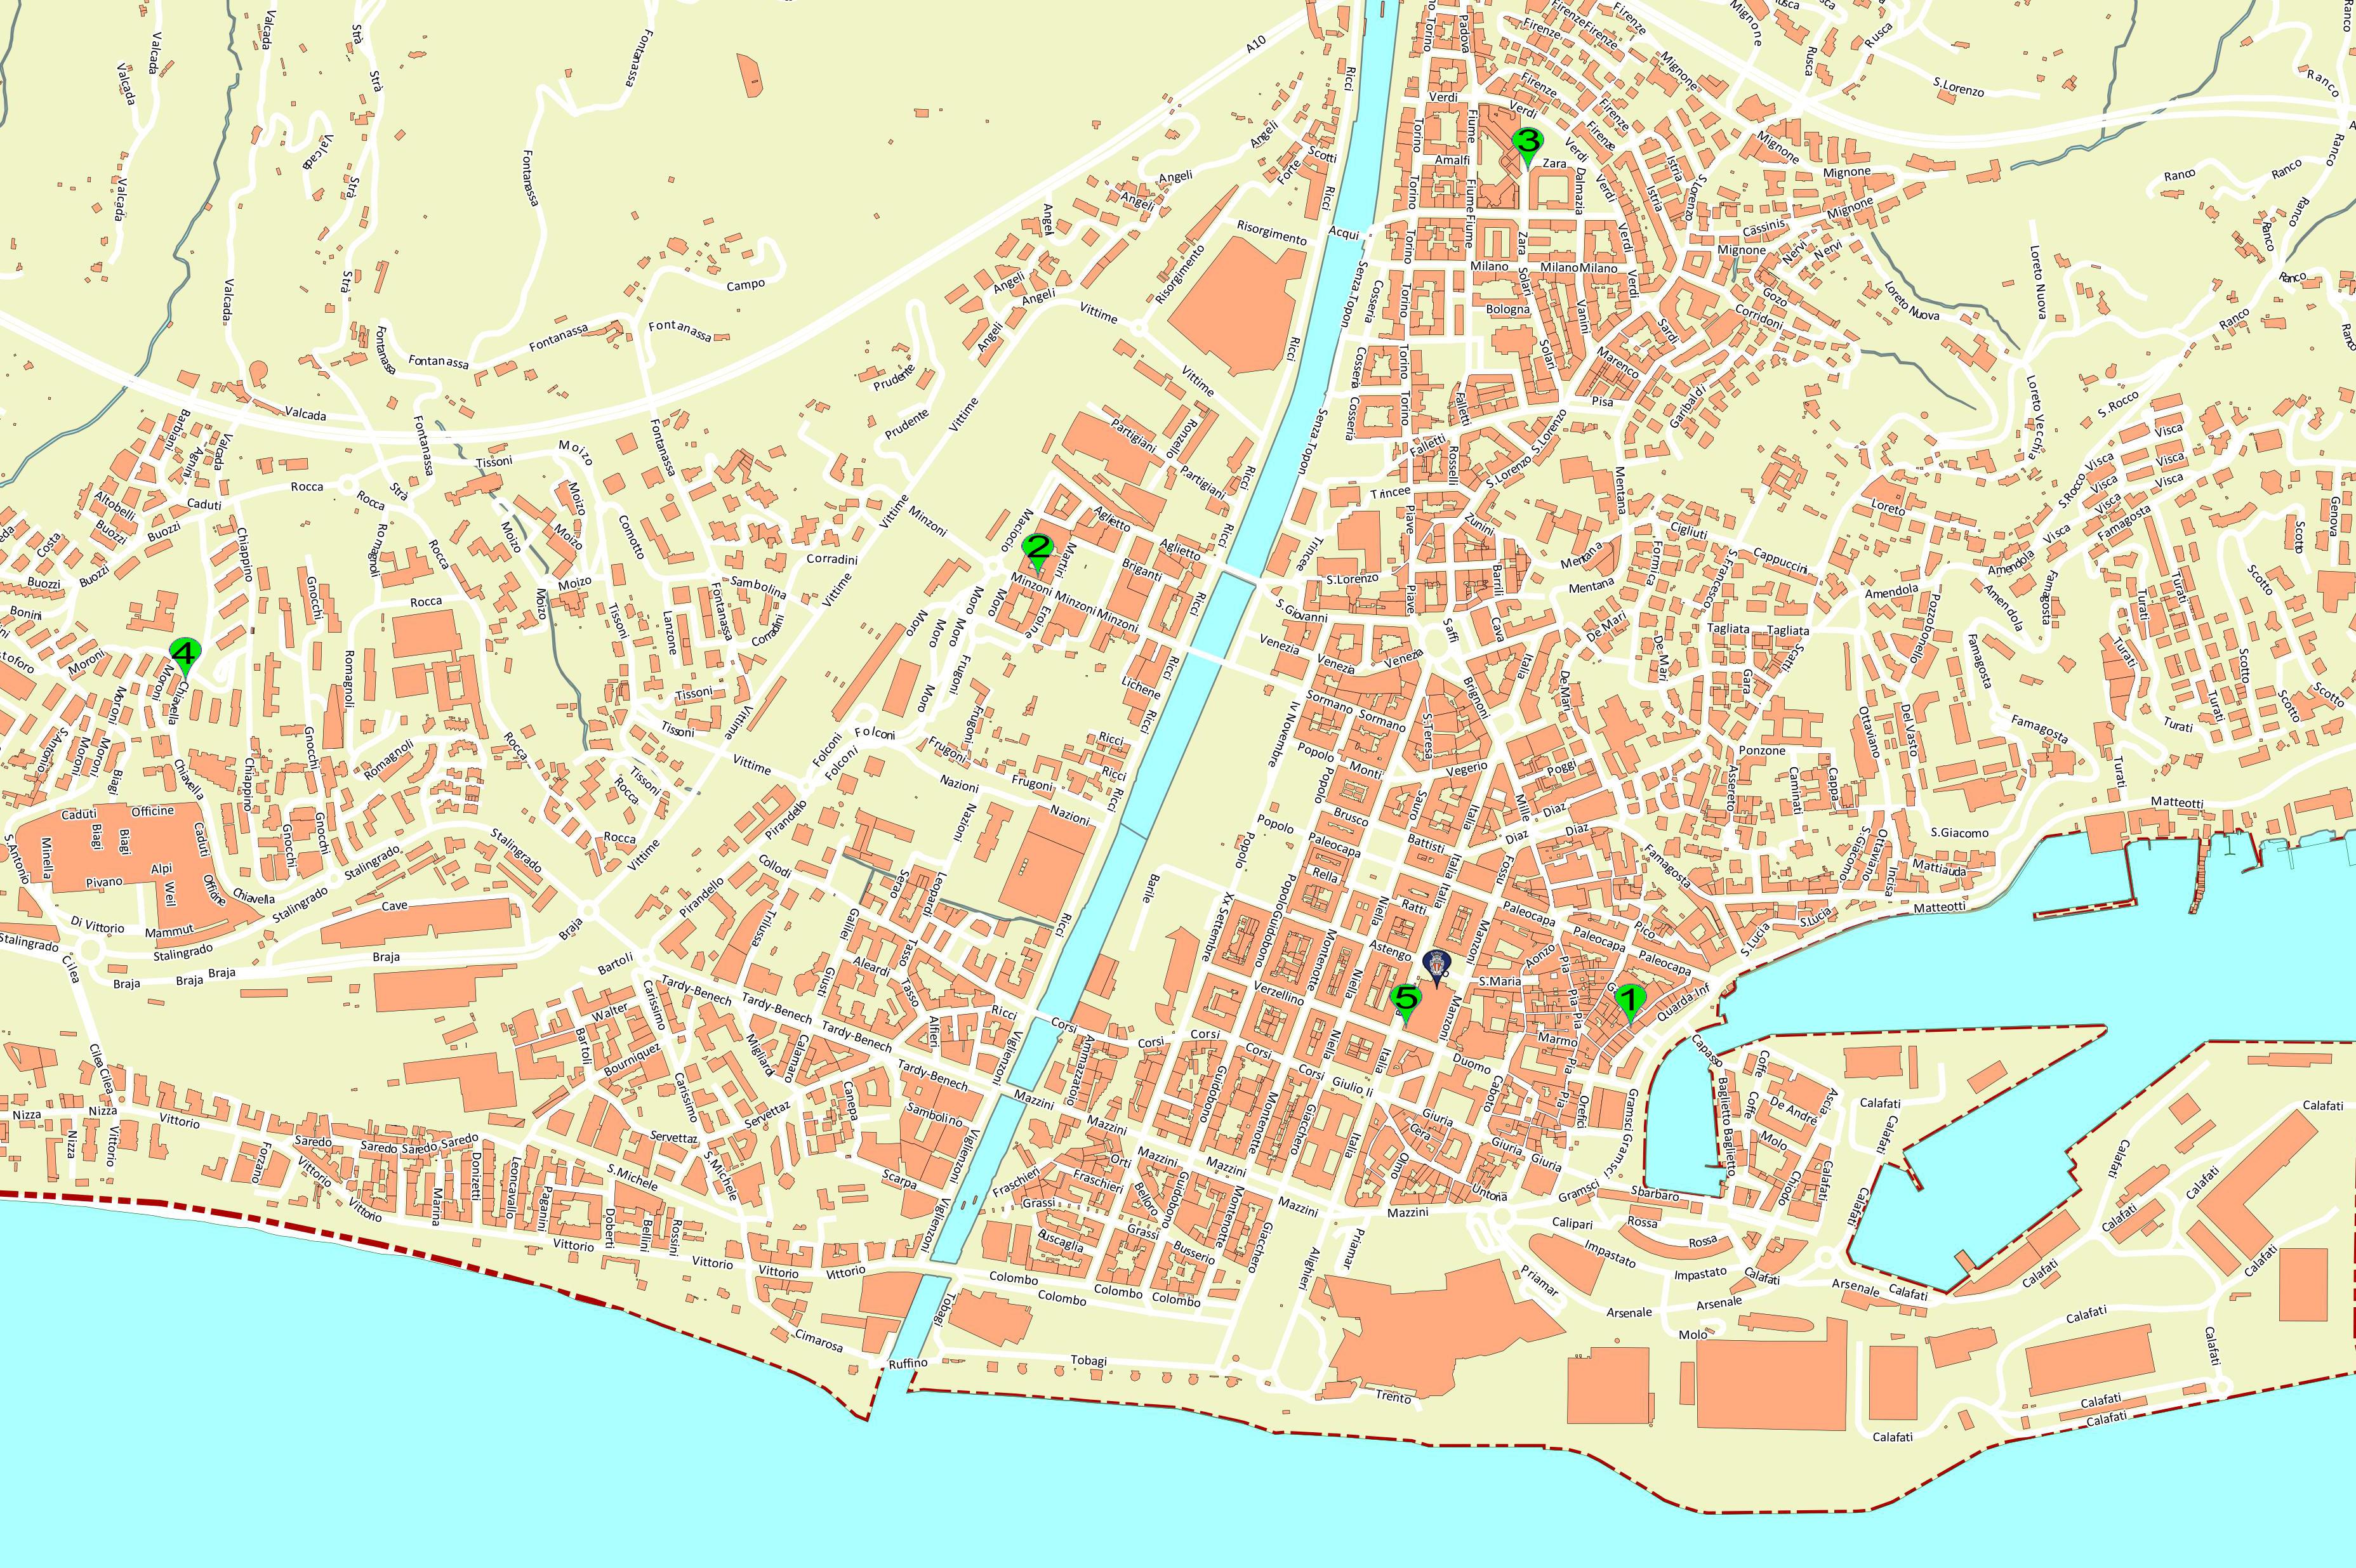 Cartina di Savona con geolocalizzazione degli uffici